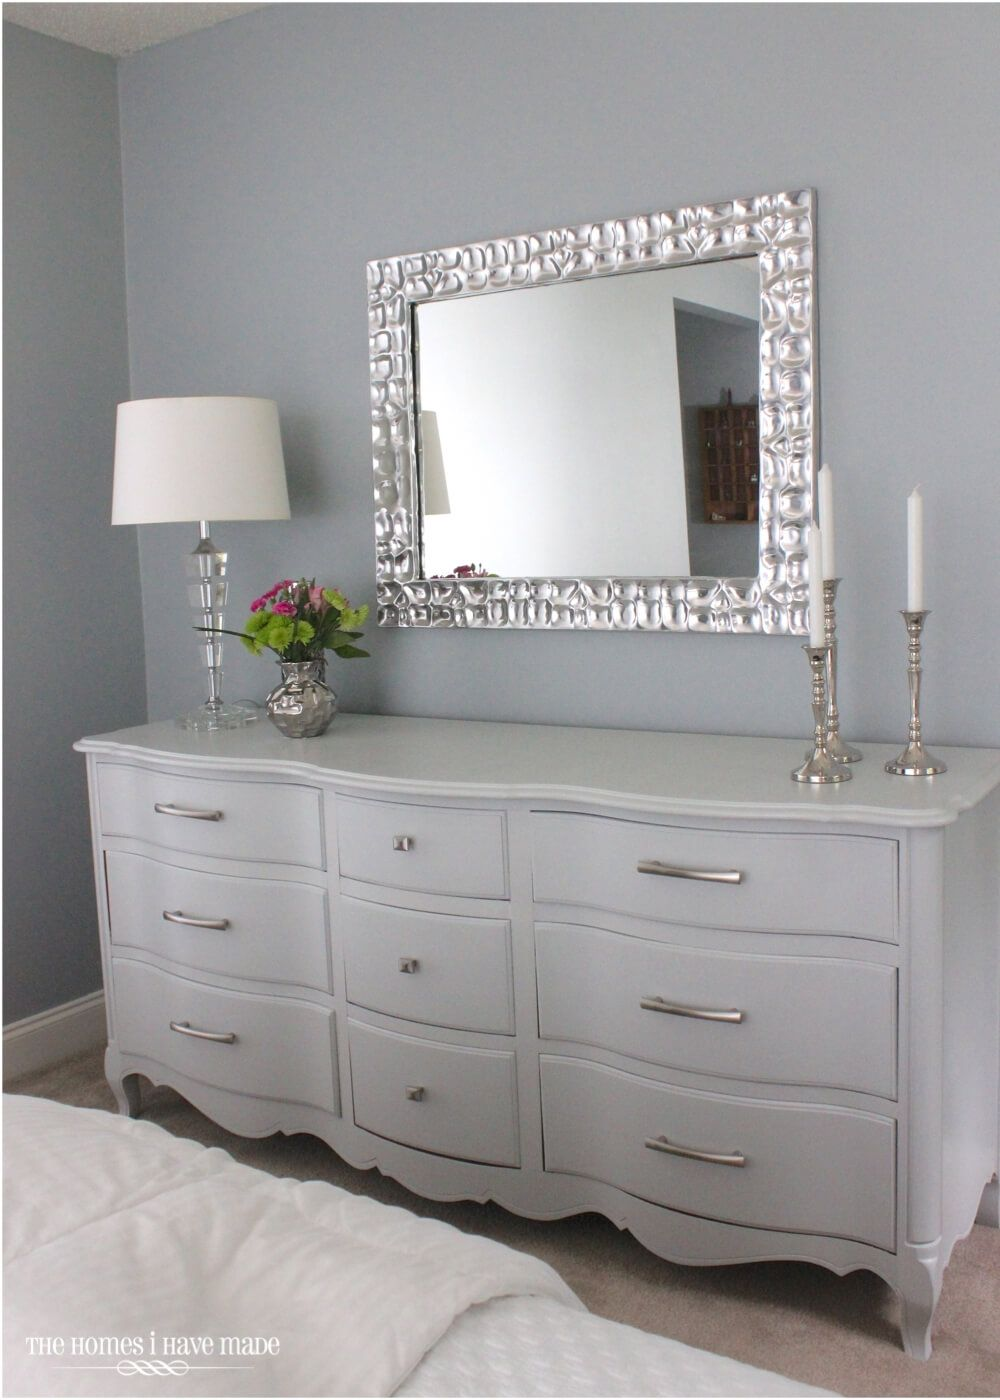 Innenarchitektur für zuhause  spiegeldekoration ideen um ihr zuhause zu erhellen